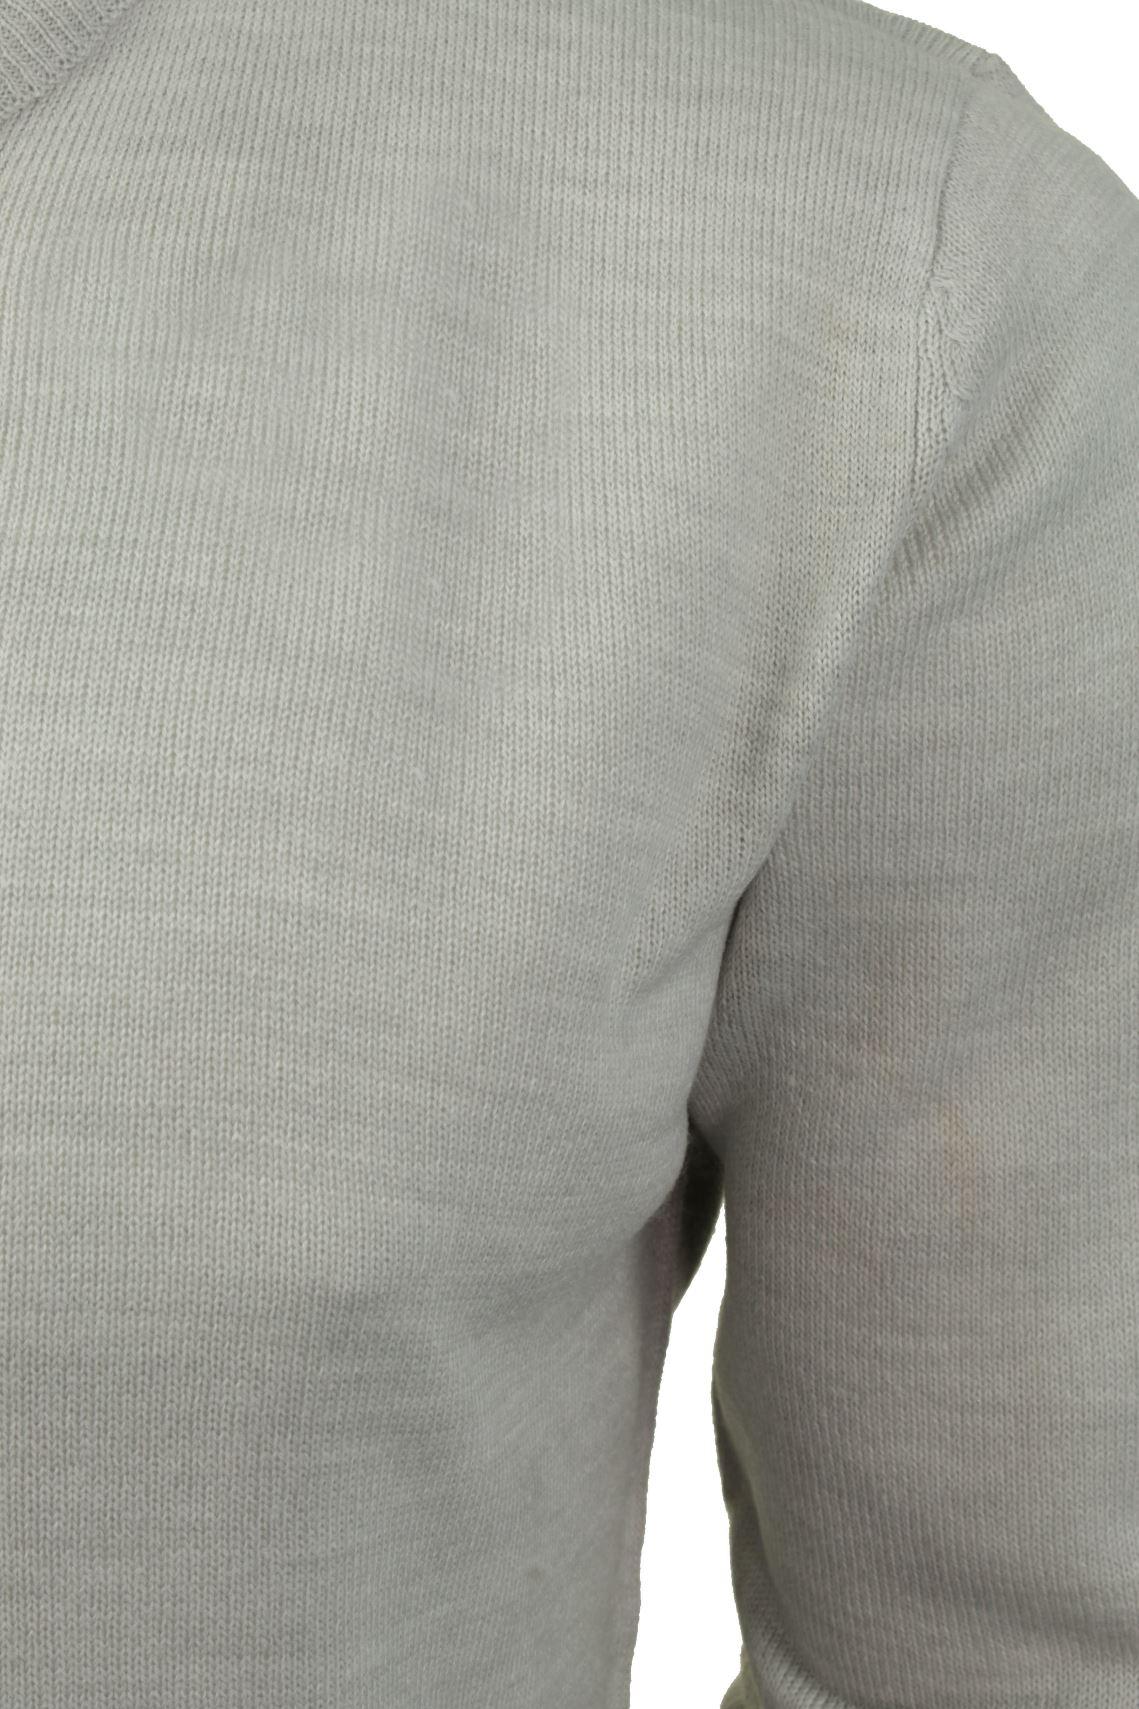 Mens-V-Neck-Jumper-by-Brave-Soul-Long-Sleeved